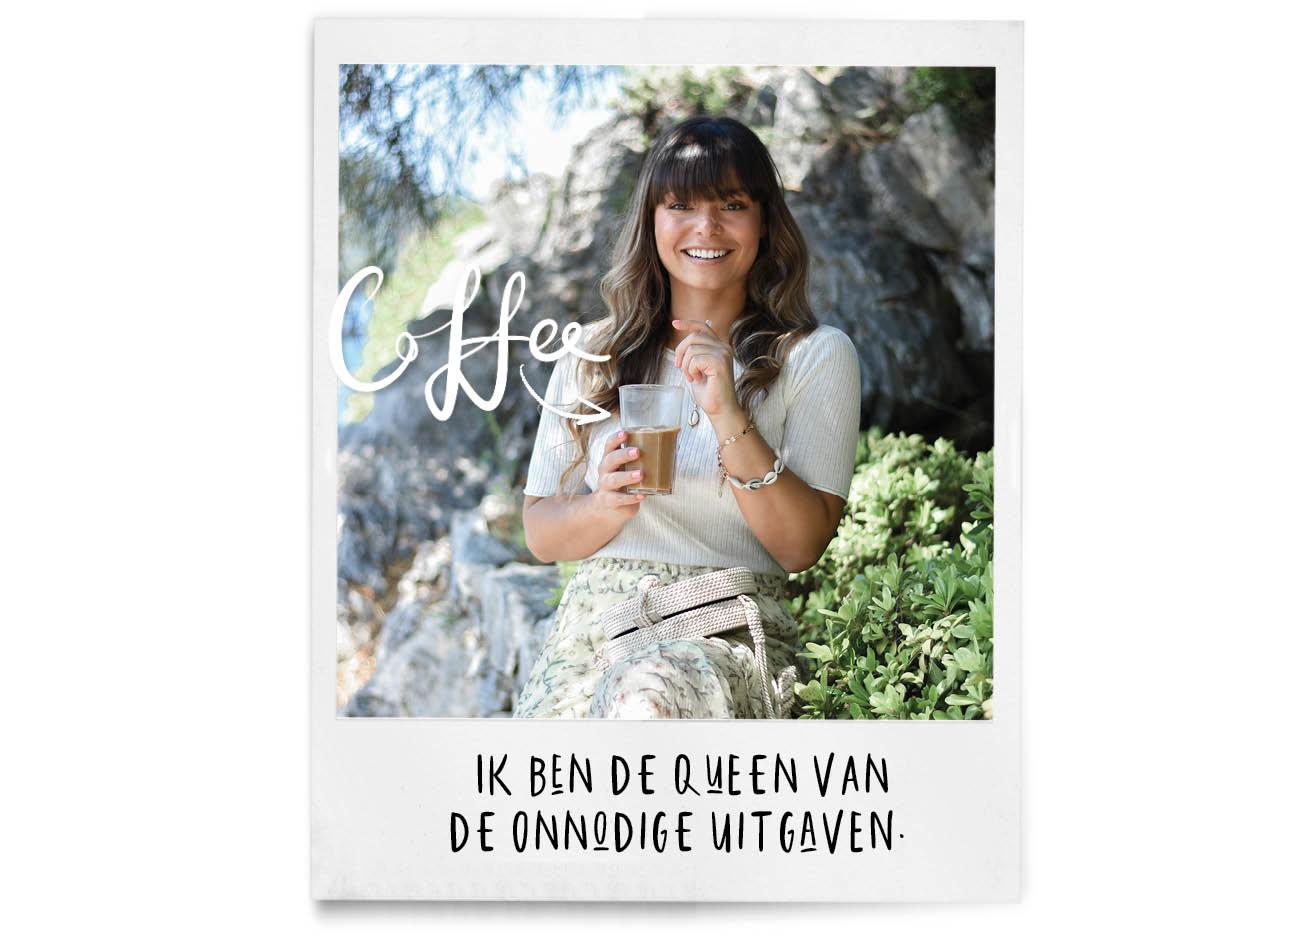 kiki lachend in Turkije met een kop koffie in haar handen